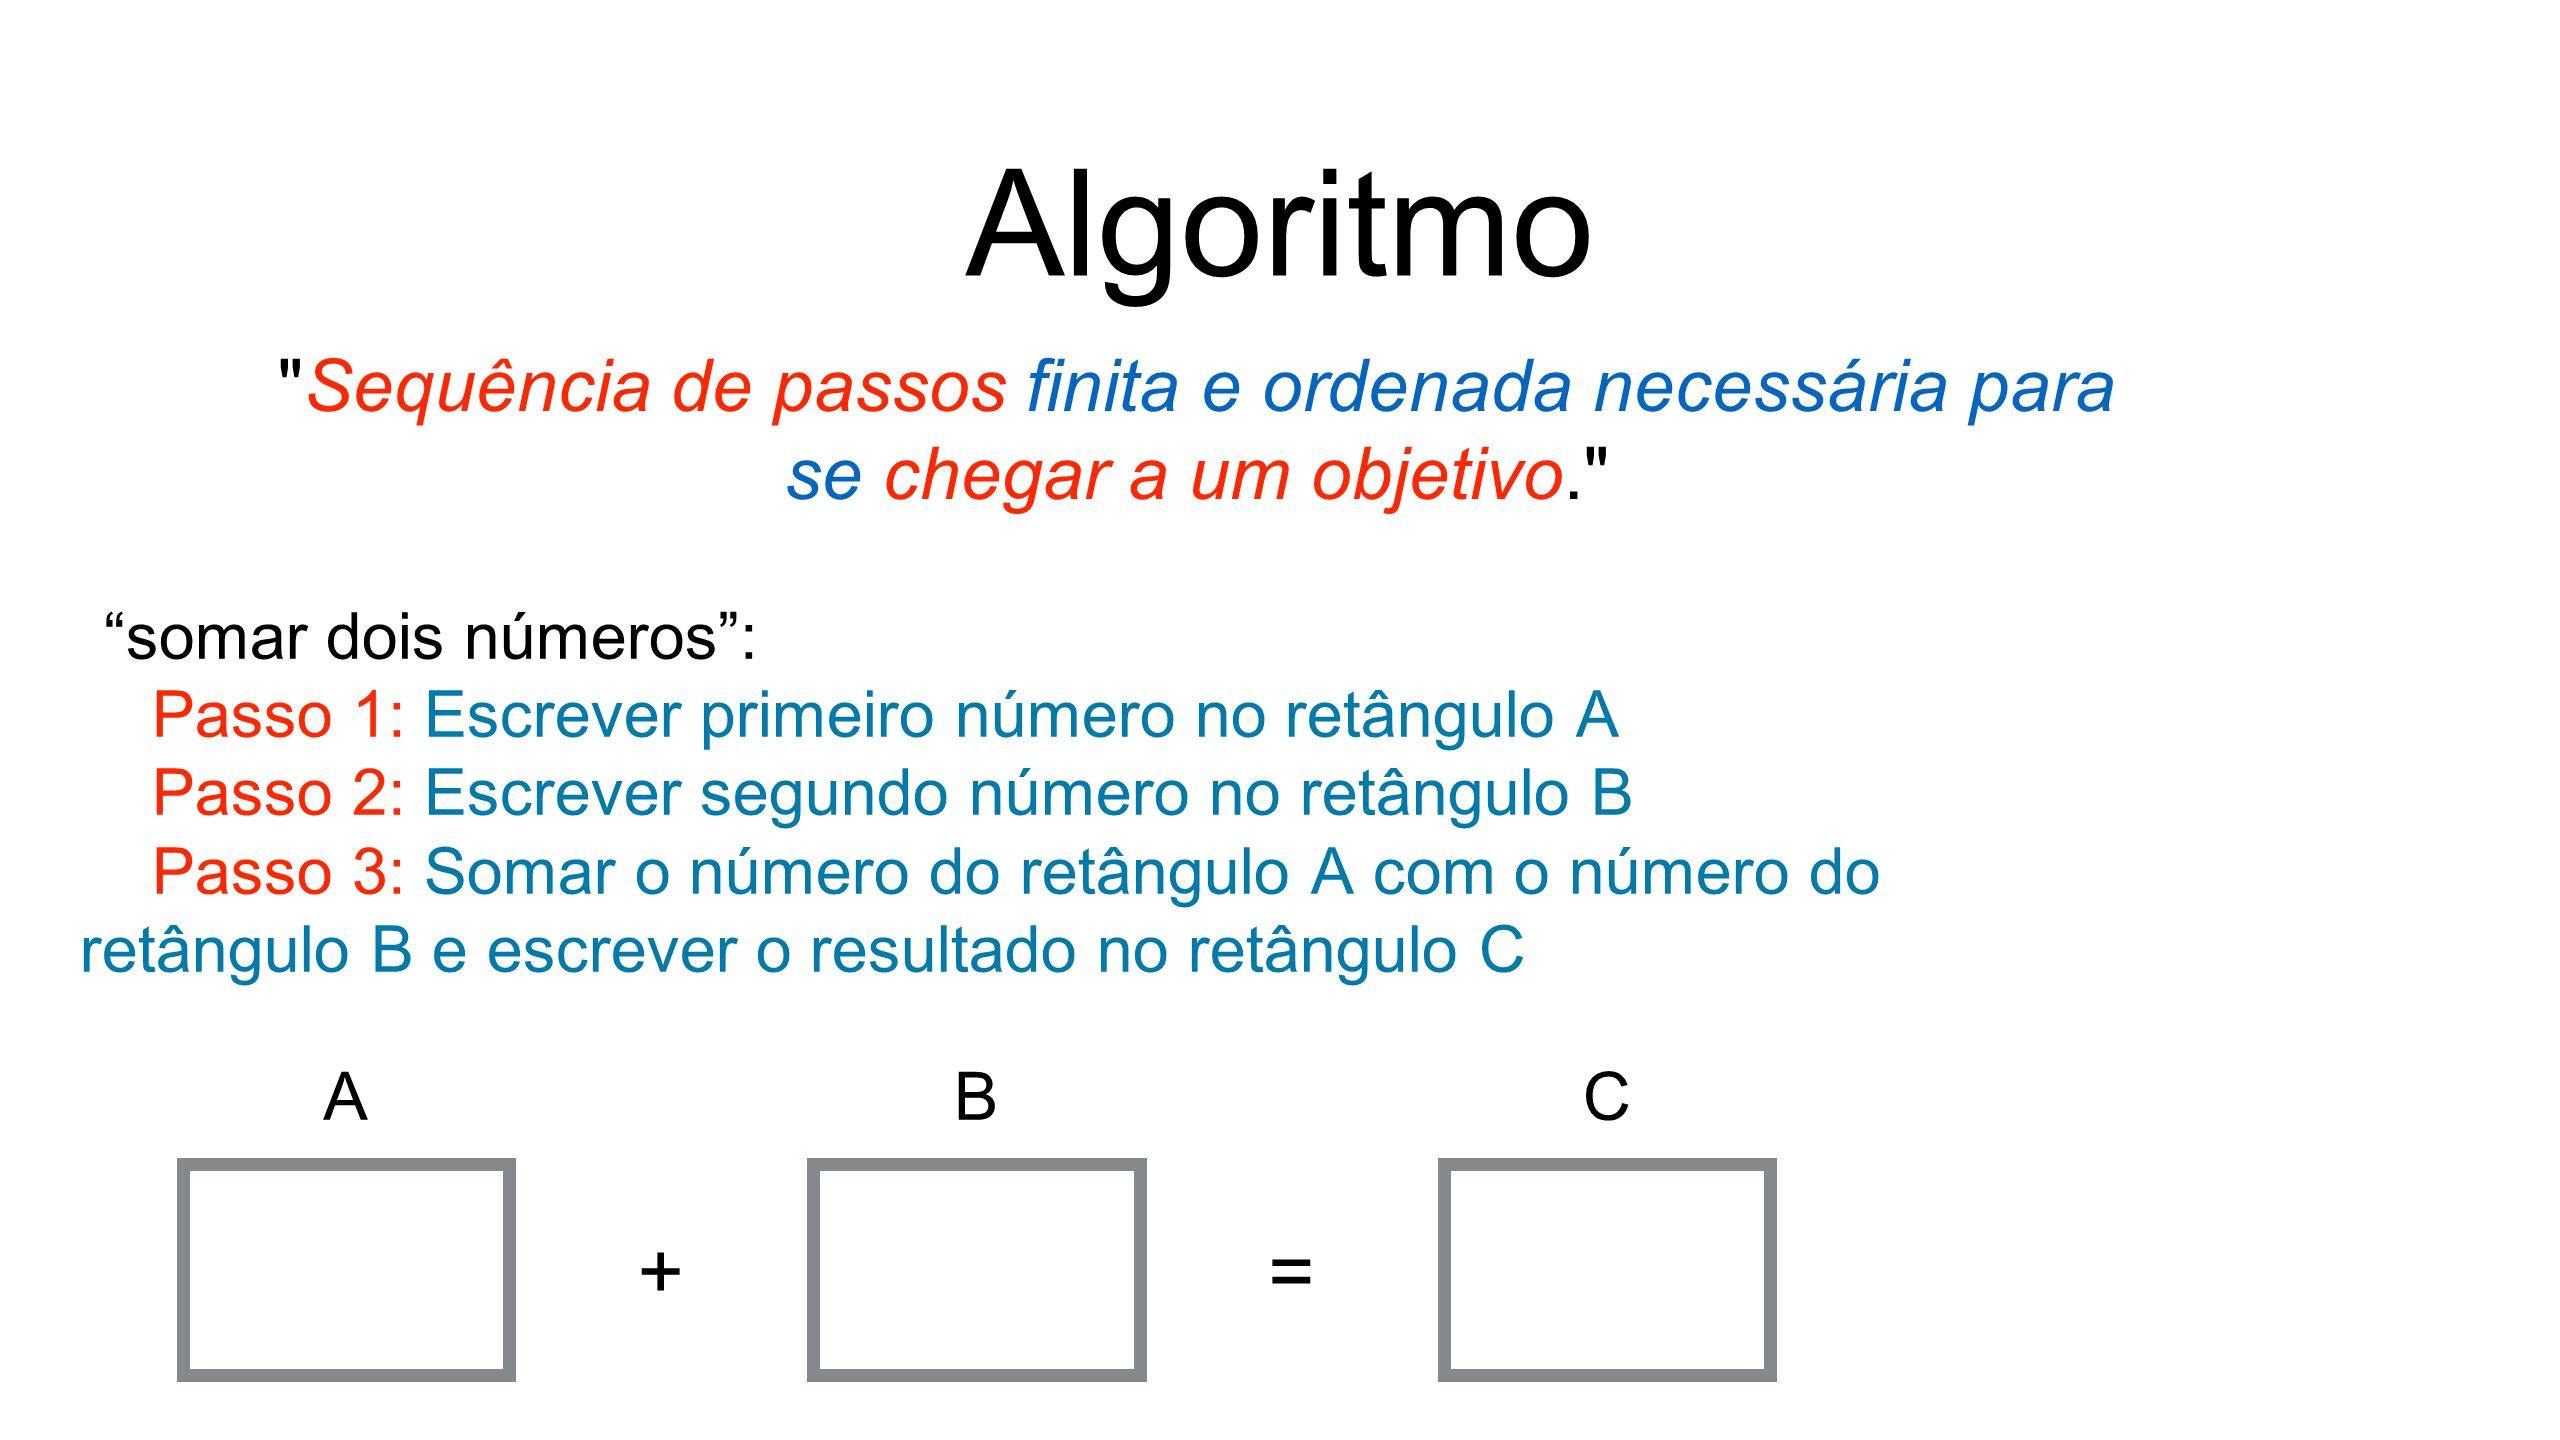 Estrutura de Seleção / Senão Se (Condição for Verdadeira) Então { comando(); } senão { outroComando(); }